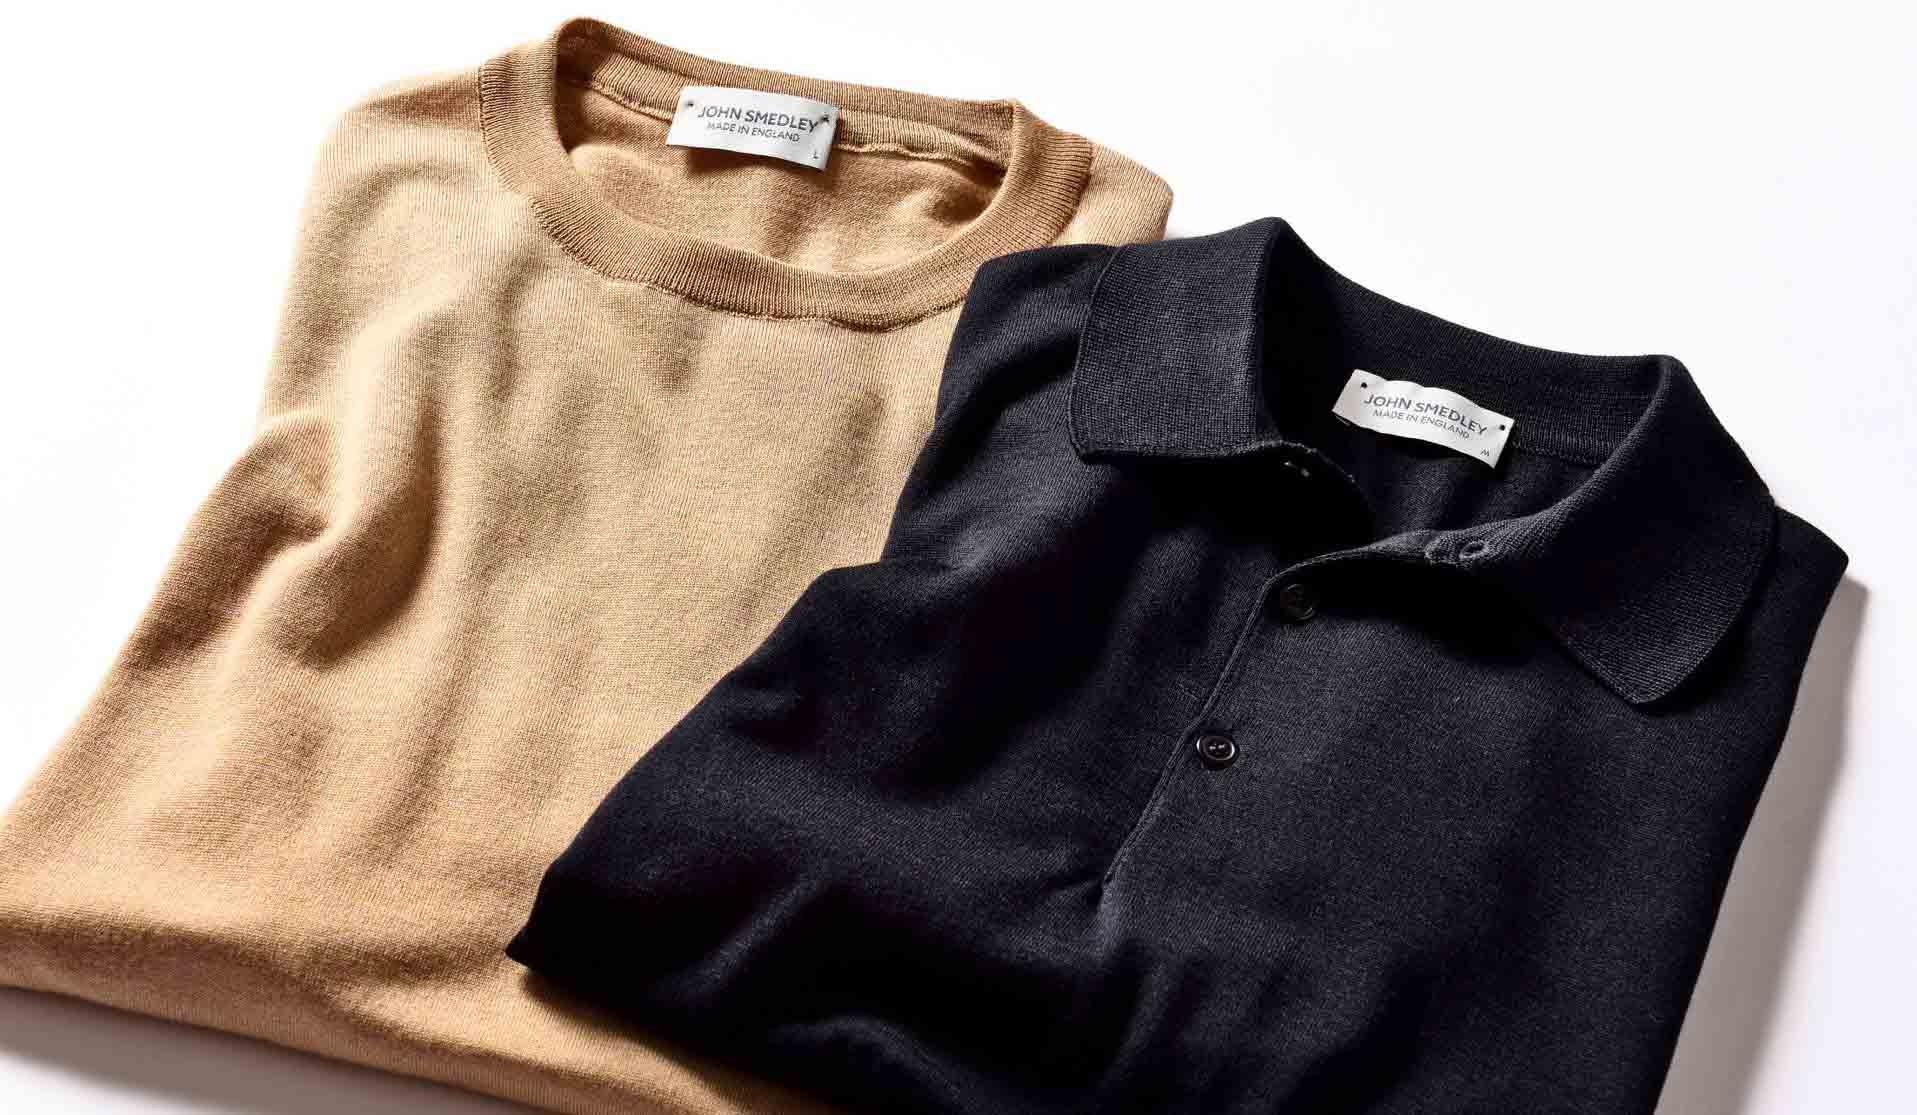 ジョン スメドレーの日本限定素材のポロシャツとニットT